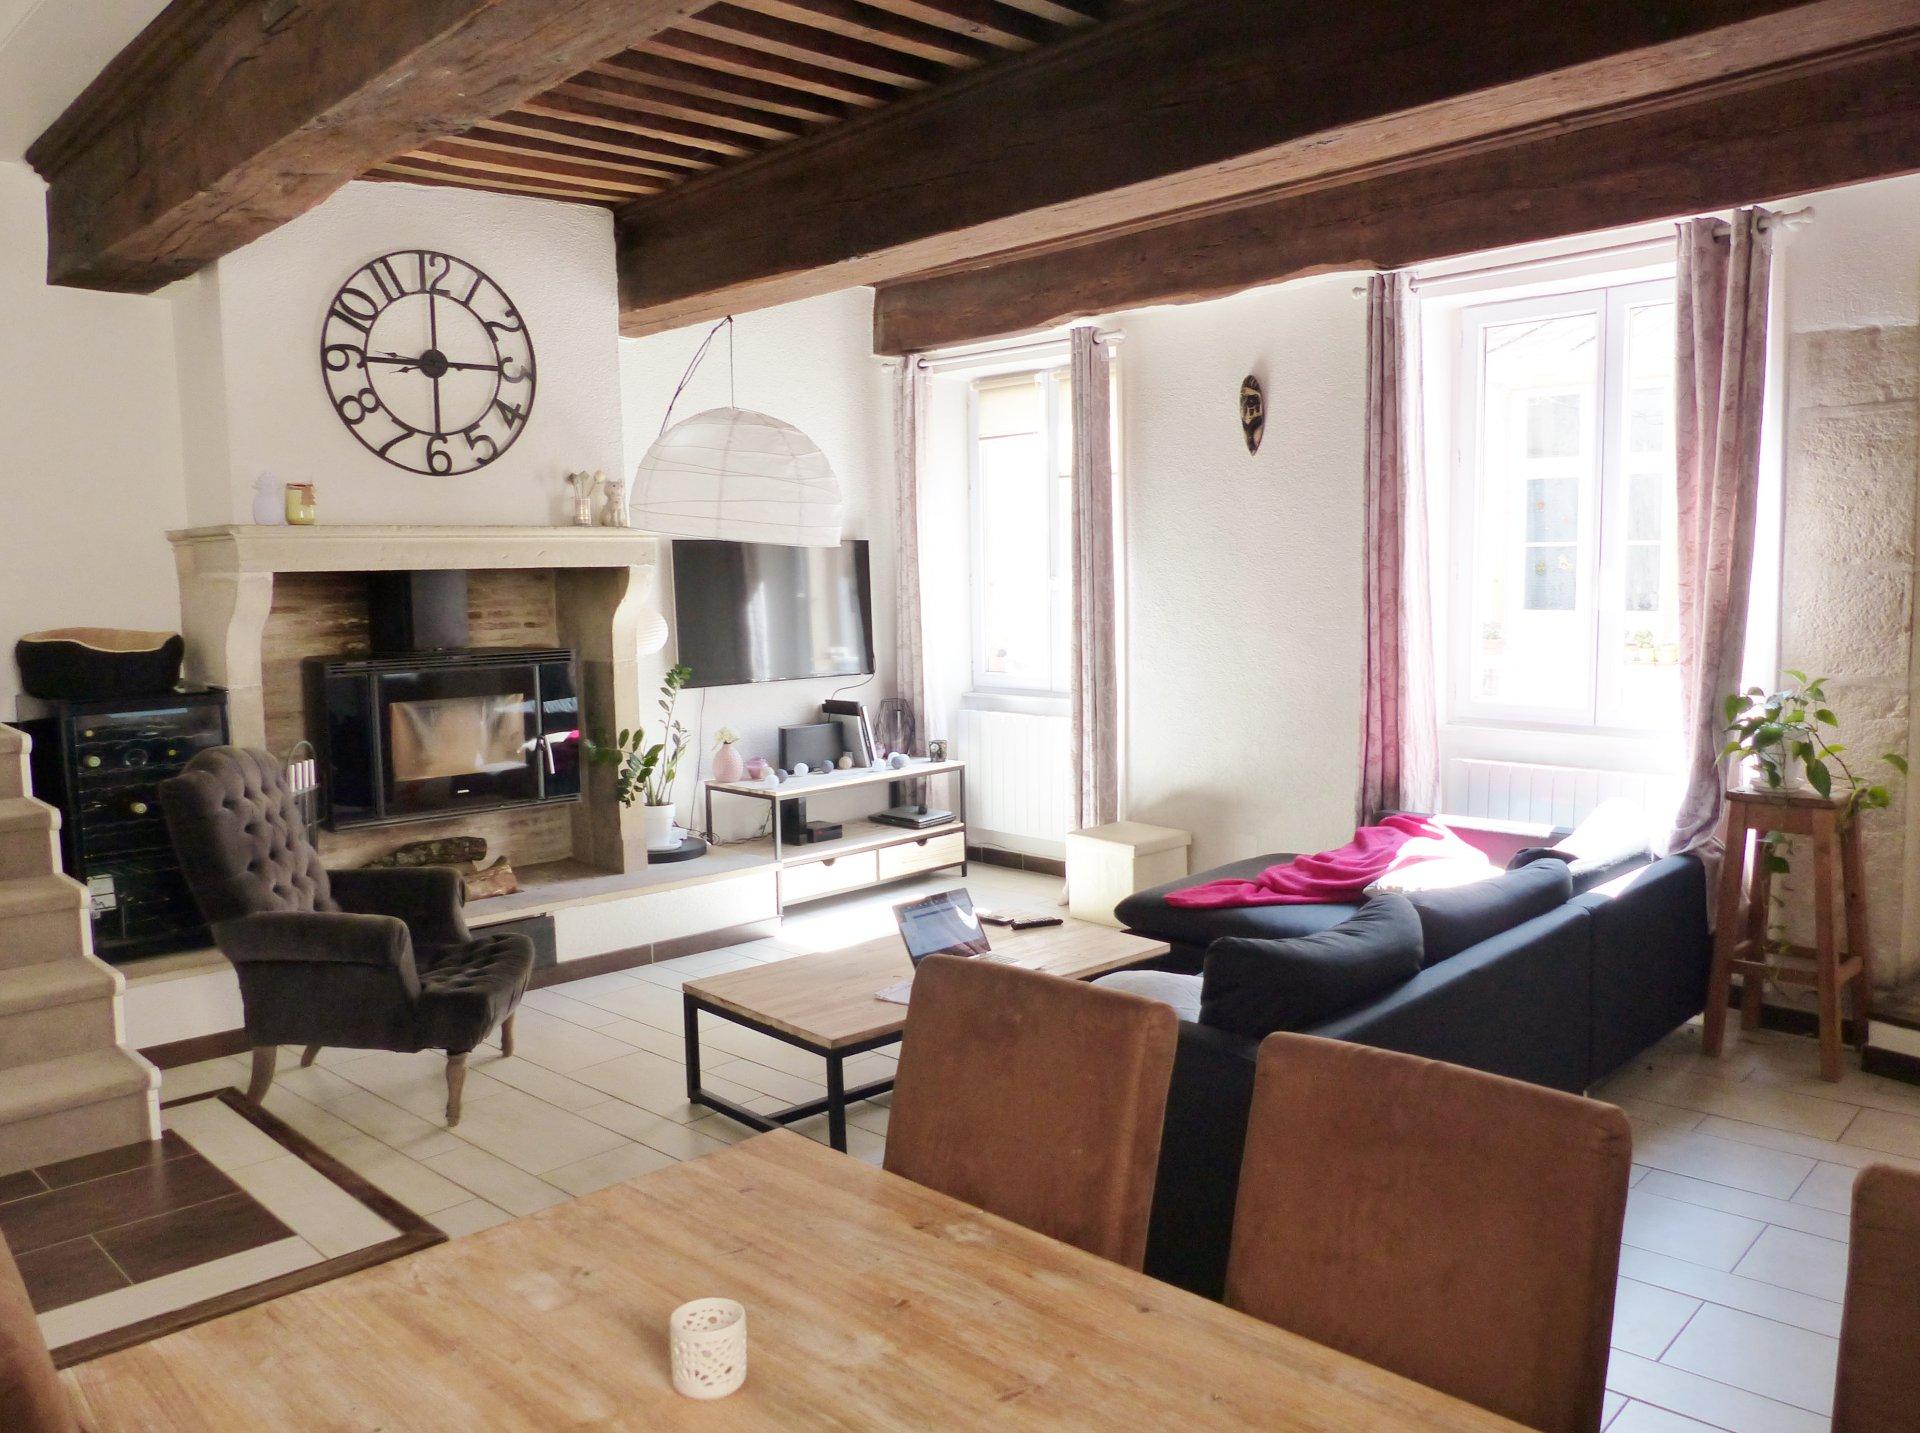 Coup de coeur assuré pour cet appartement offrant un séjour avec un superbe plafond à la française et une belle cheminée. L'espace cuisine cocooning ne manque pas non plus de charme. En étage vous découvrirez un bureau, une chambre, une salle de douche joliment refaite puis une 2e chambre de 17 m² environ donnant....sur une agréable terrasse dominant les toits Mâconnais. A découvrir sans tarder!  Copropriété de 6 lots. Charges courantes mensuelles de 29,20 euros. Honoraires à la charge des vendeurs.